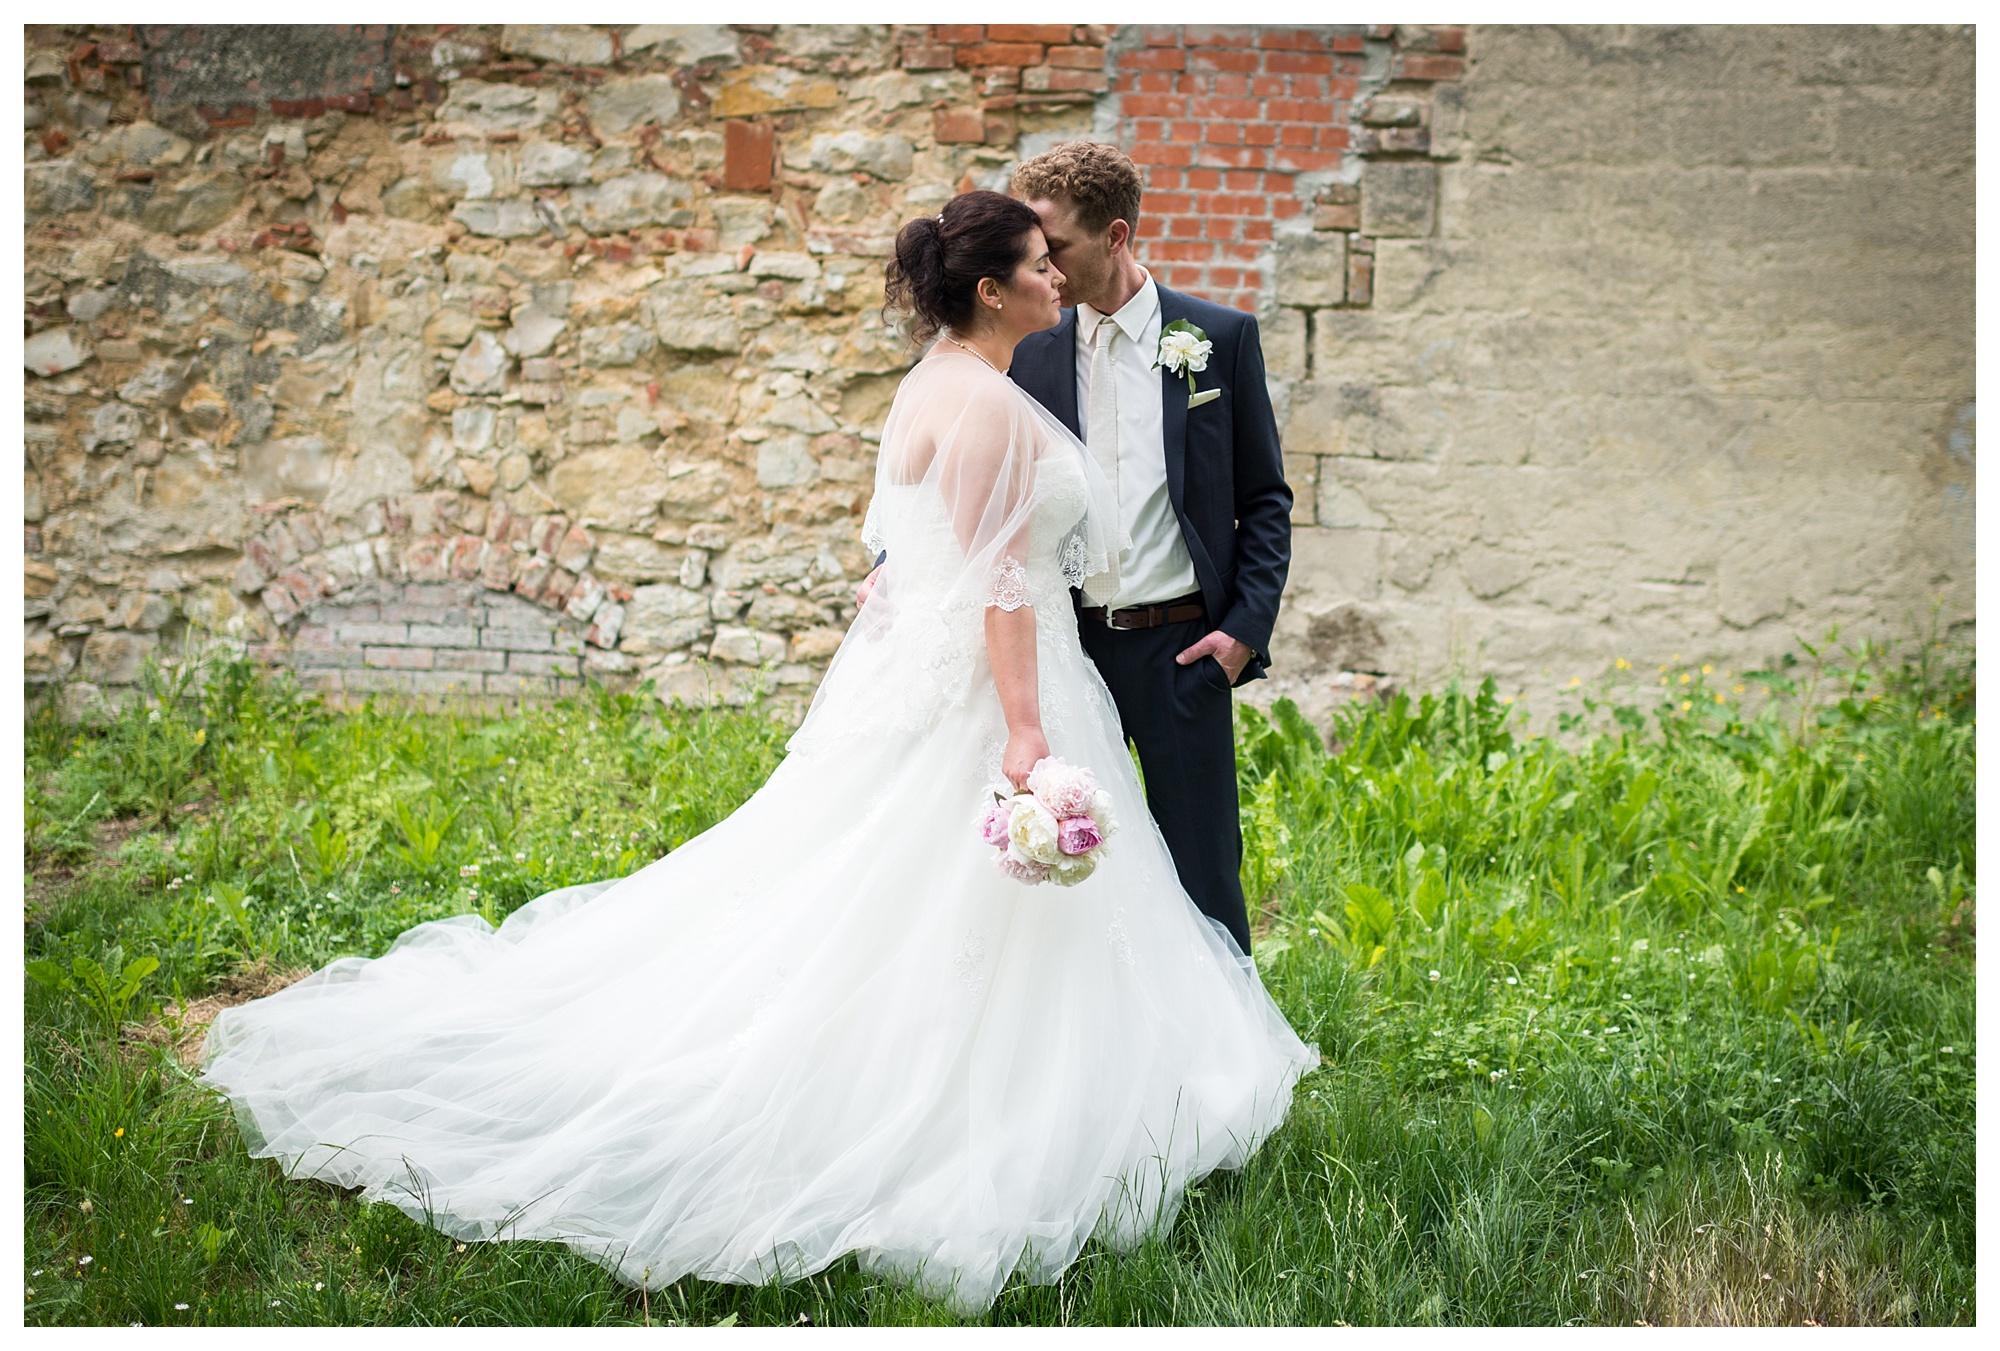 Fotograf Konstanz - Hochzeit Tanja Elmar Elmar Feuerbacher Photography Konstanz Messkirch Highlights 063 - Hochzeitsreportage von Tanja und Elmar im Schloss Meßkirch  - 61 -